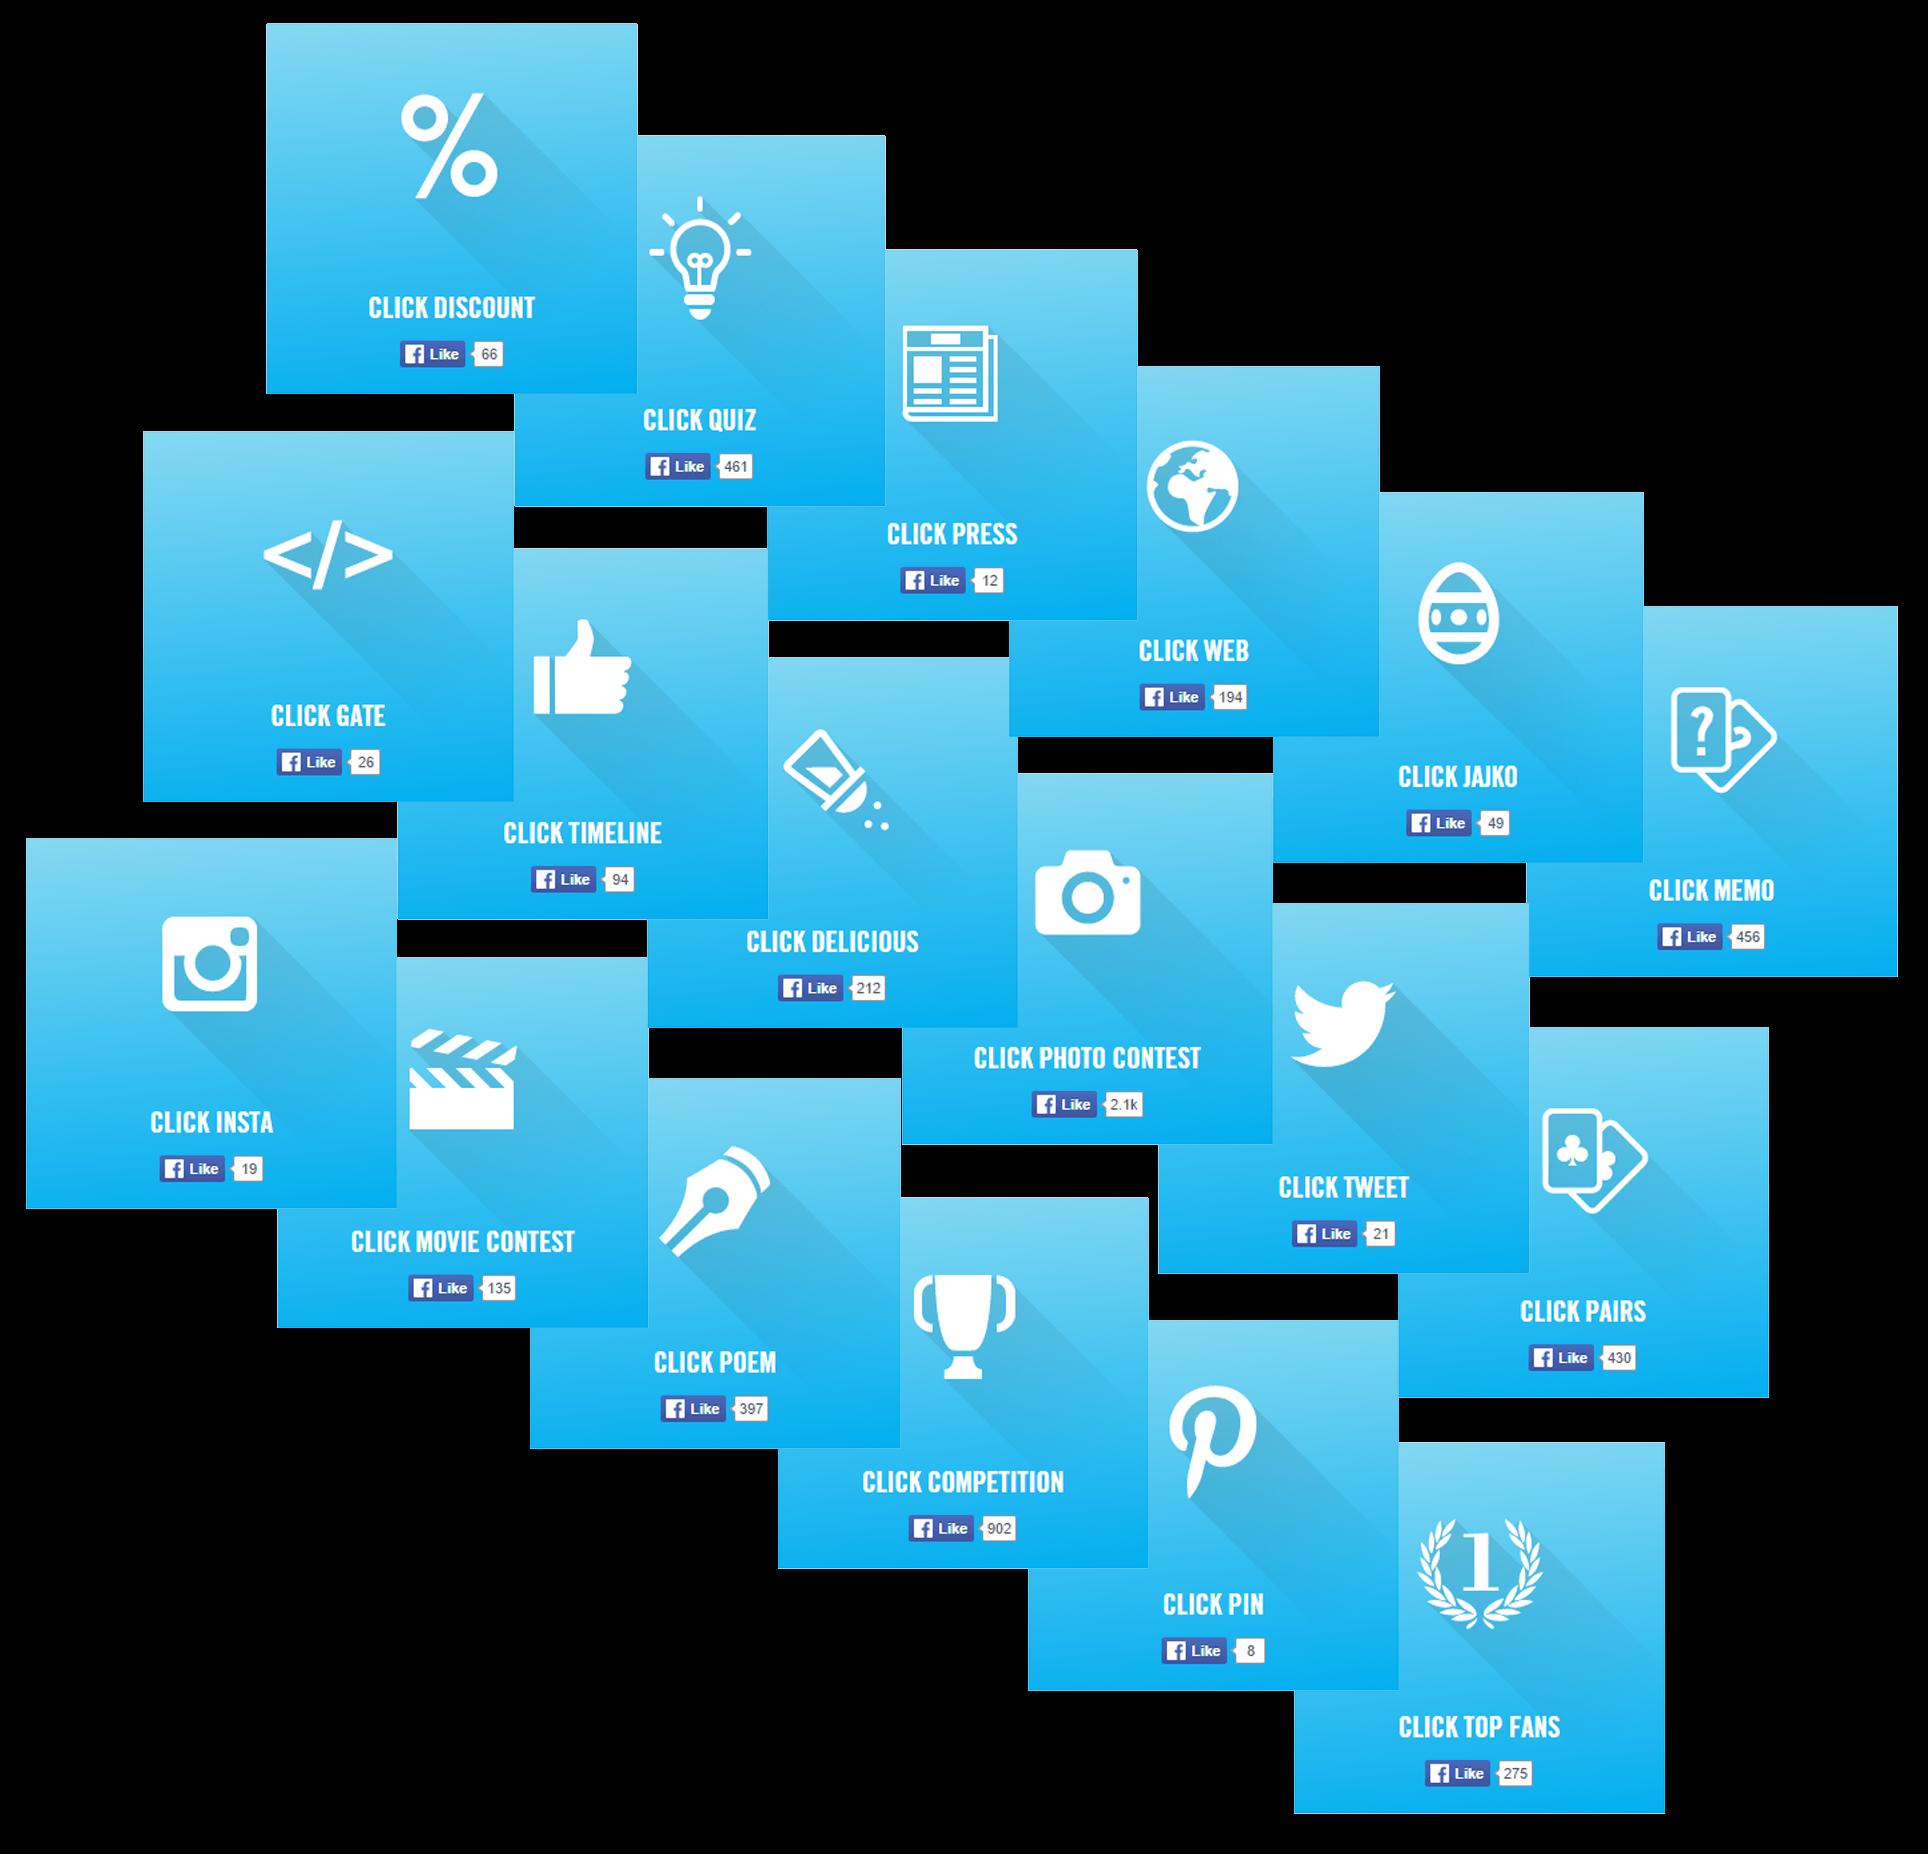 Jak wykorzystywać aplikacje na Facebooku?